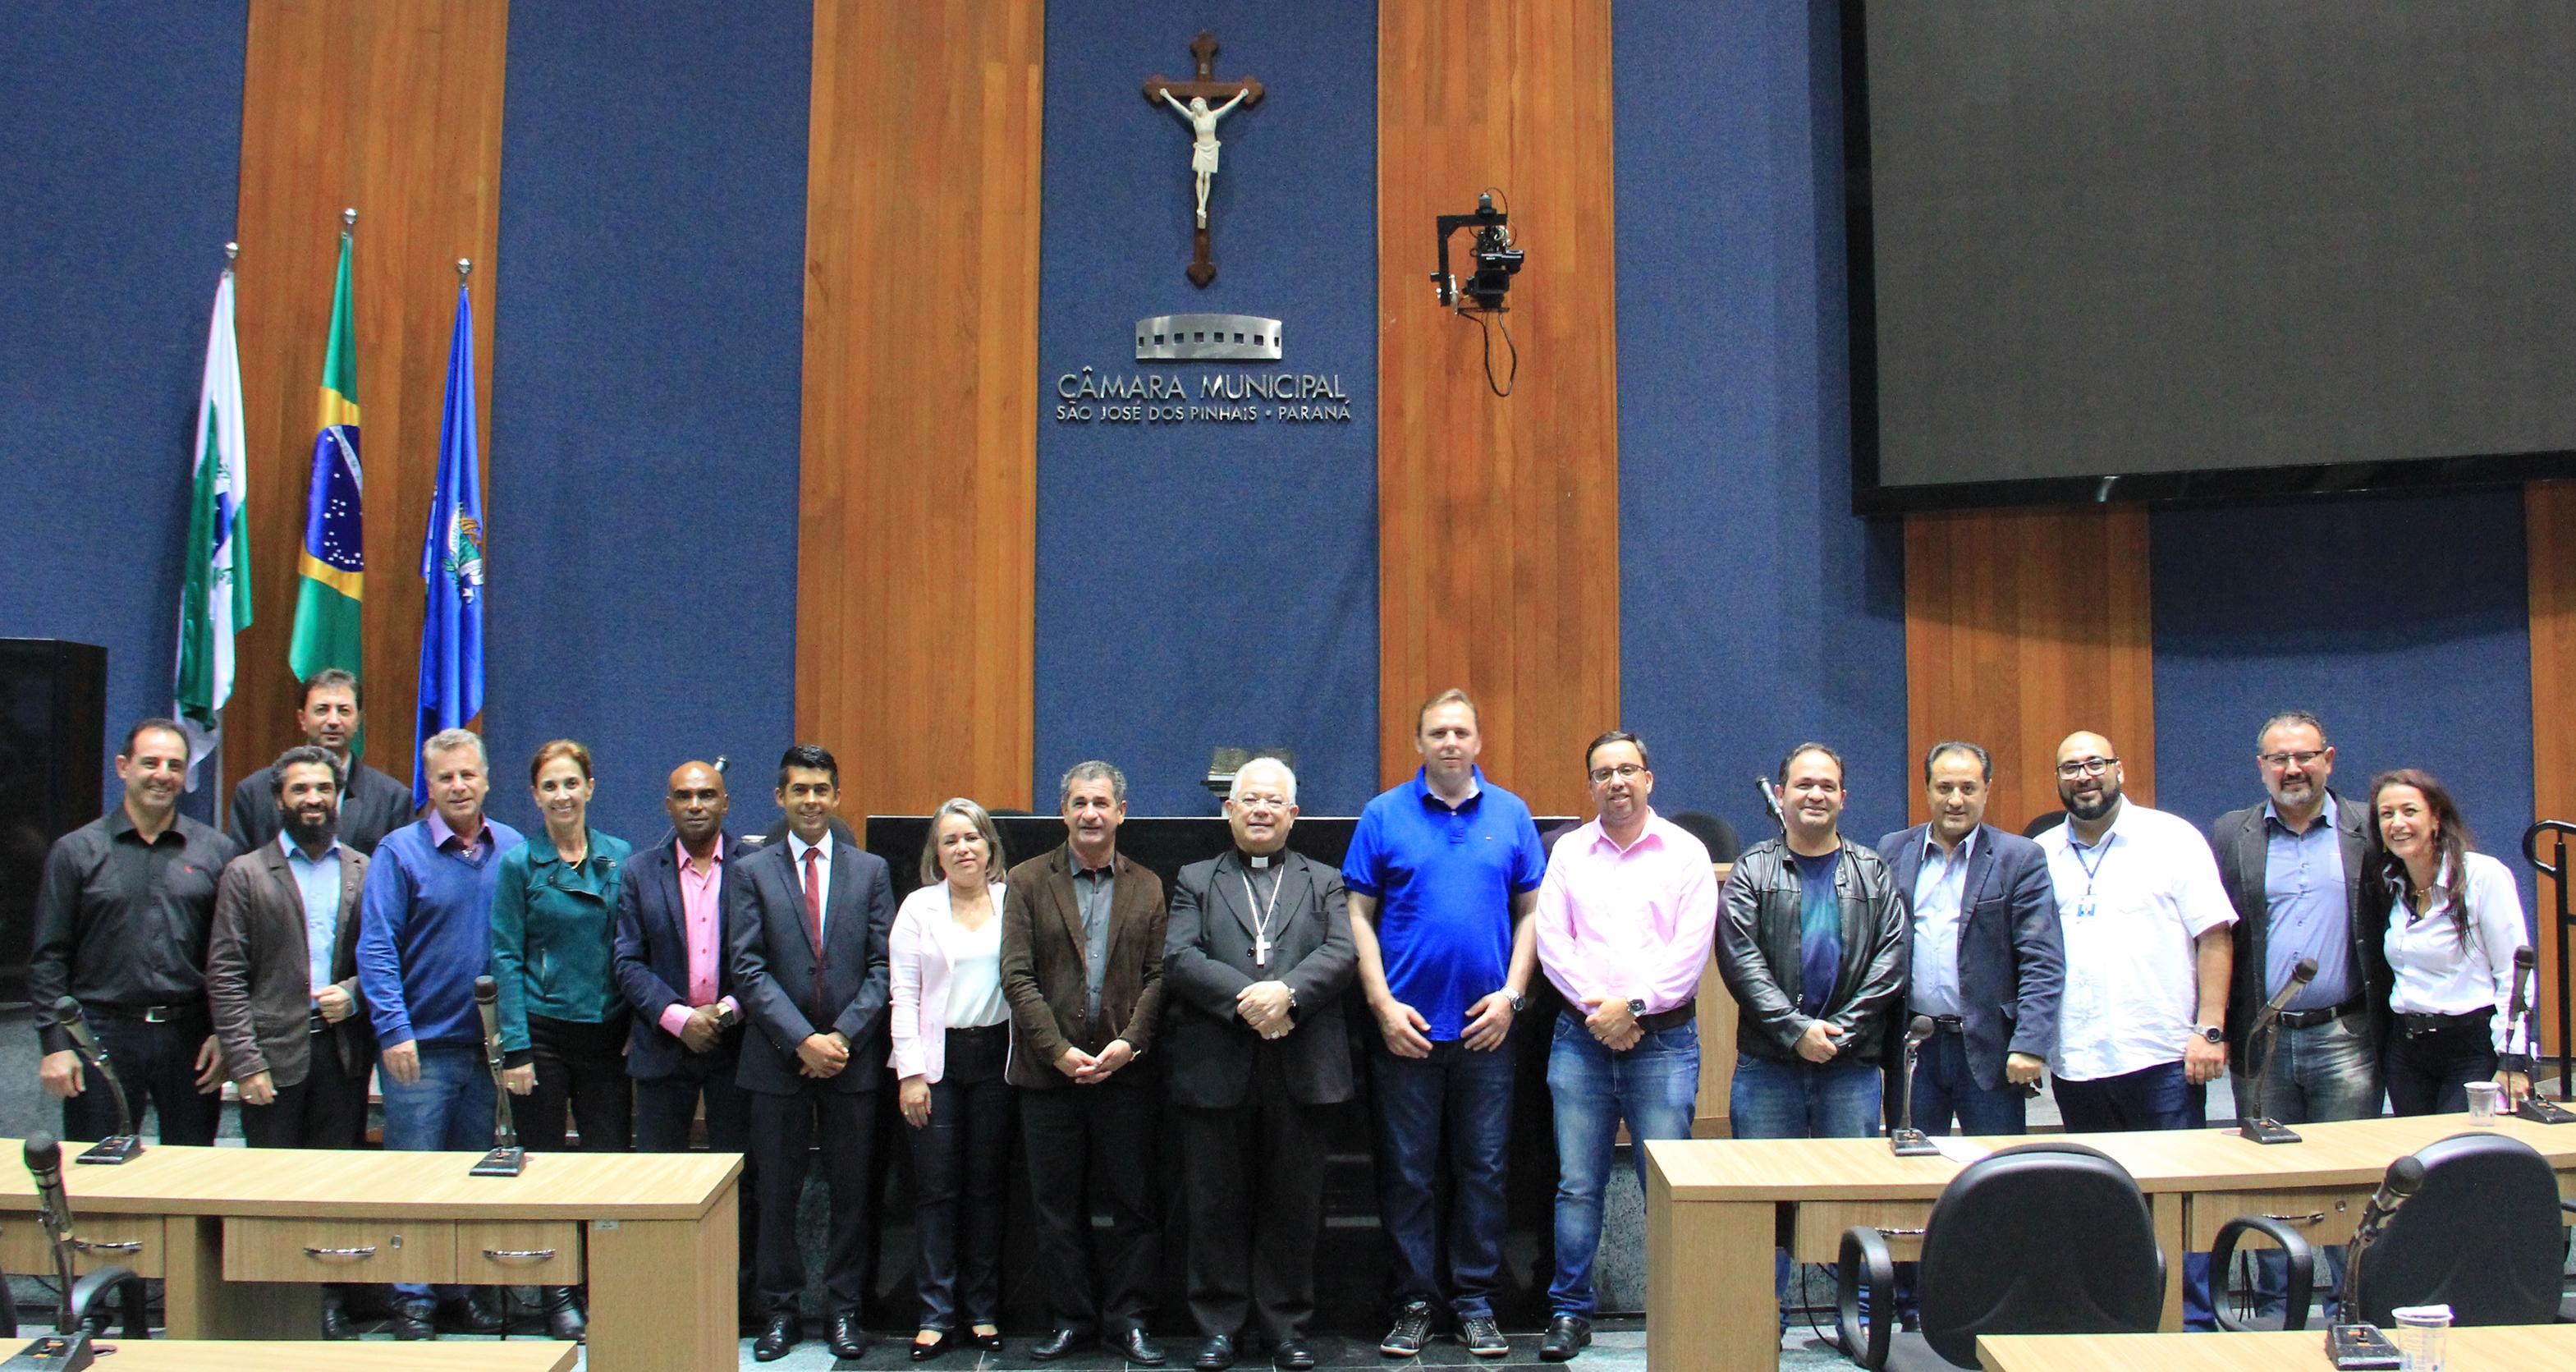 Bispo de São José dos Pinhais fala sobre a Campanha da Fraternidade 2019 na Câmara Municipal